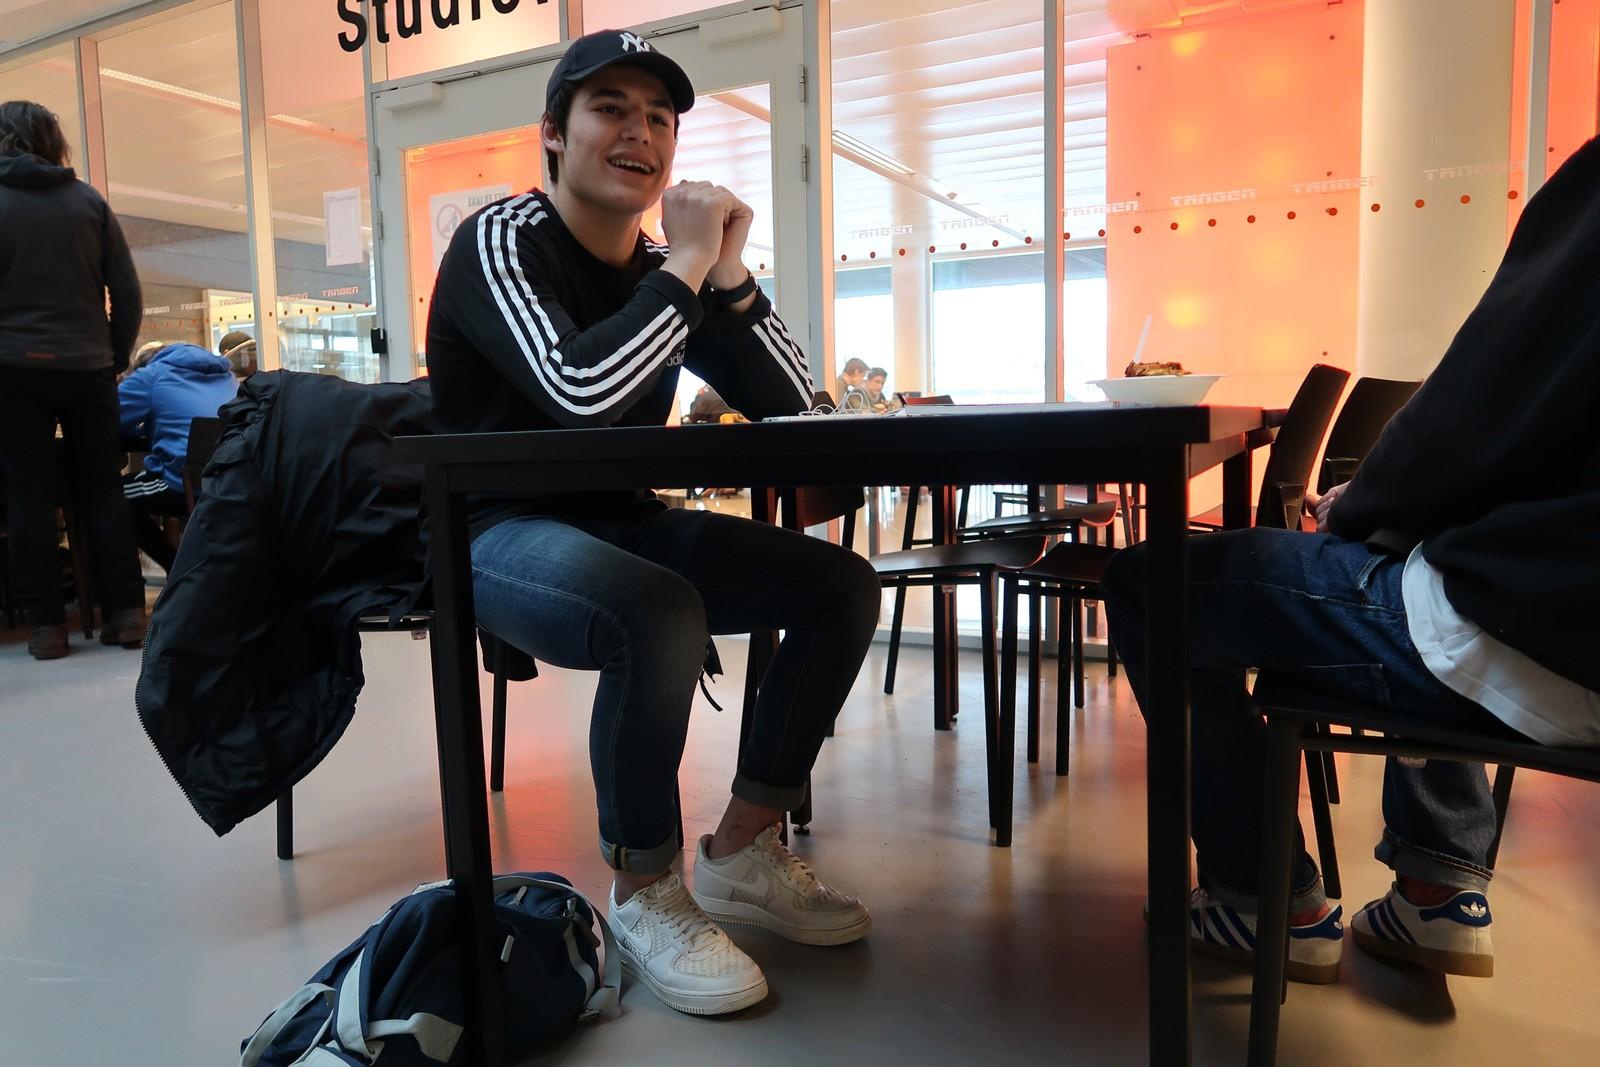 Islam Arsanukuev fryser ikke, selv om han har lave sko og ankelsokker. Han mener det er en vane med lave sko og synes det ser best ut med ankelsokker.